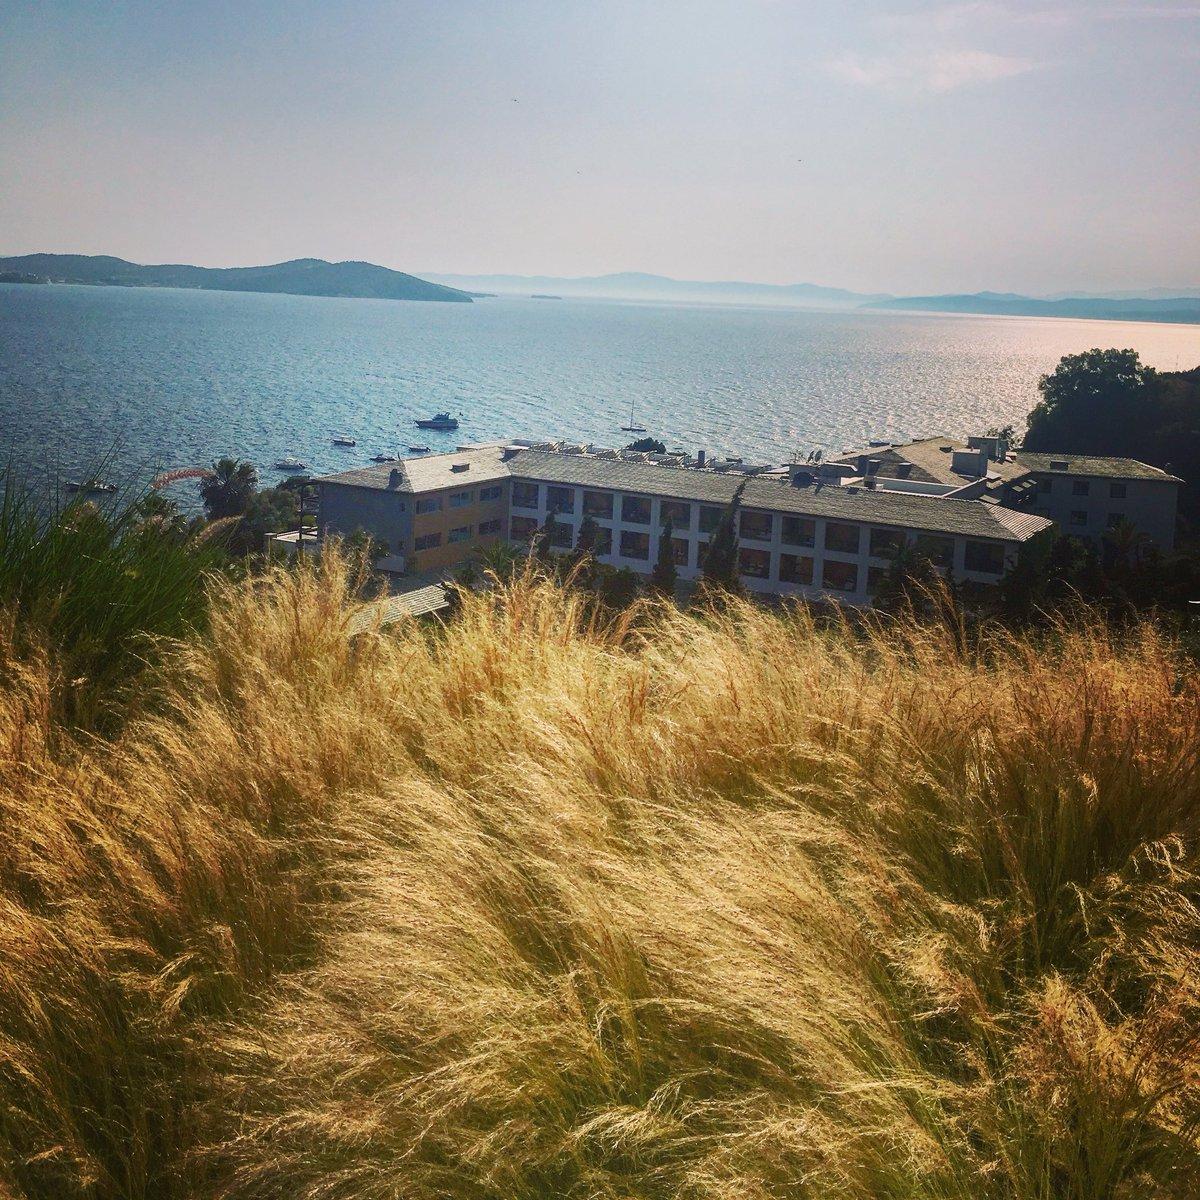 Nisbeths resblogg: Lyxa till det med en #poolvilla i #Halkidiki https://nisbethsresblogg.blogspot.com/2019/07/lyxa-till-det-med-en-poolvilla-i.html?spref=tw…